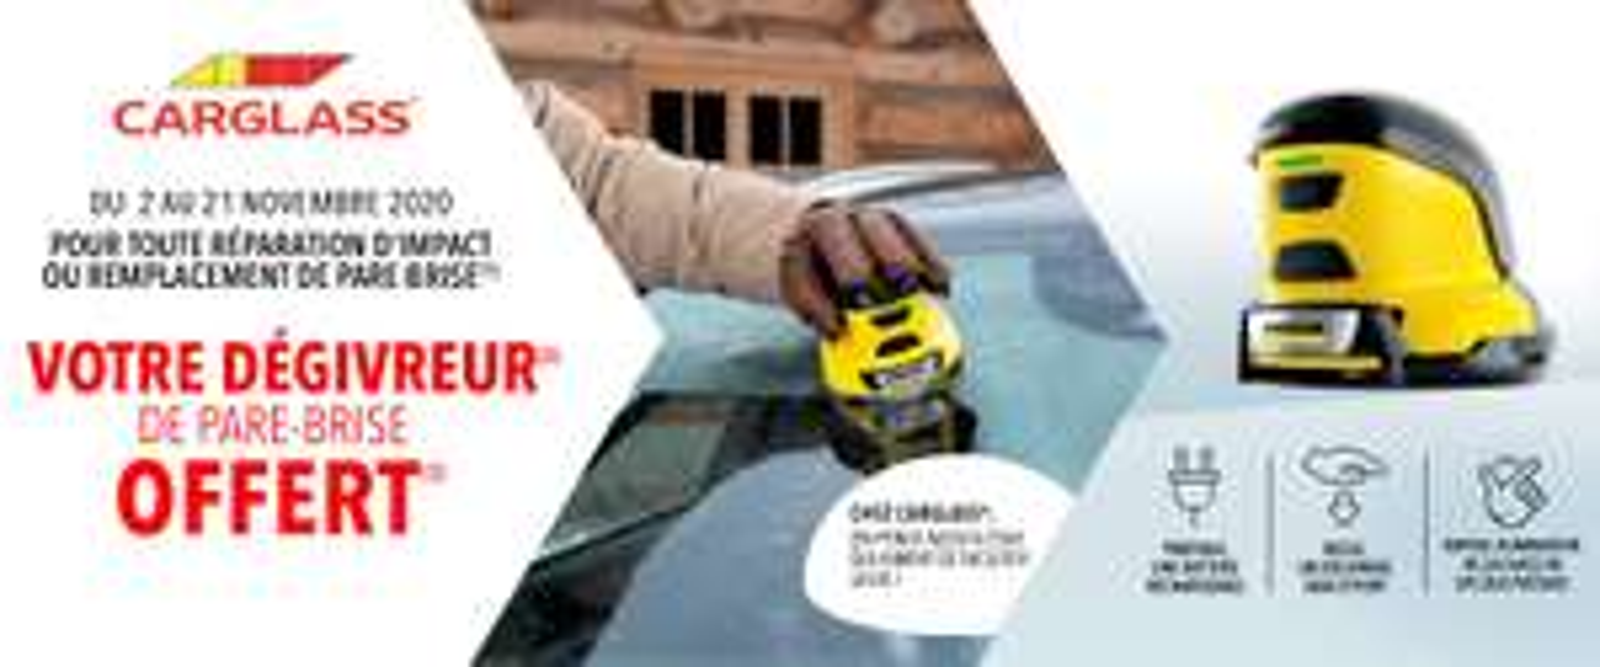 Dégivreur de pare-brise Karcher offert pour toute réparation d'impact ou remplacement de vitrage sur un véhicule léger chez Carglass